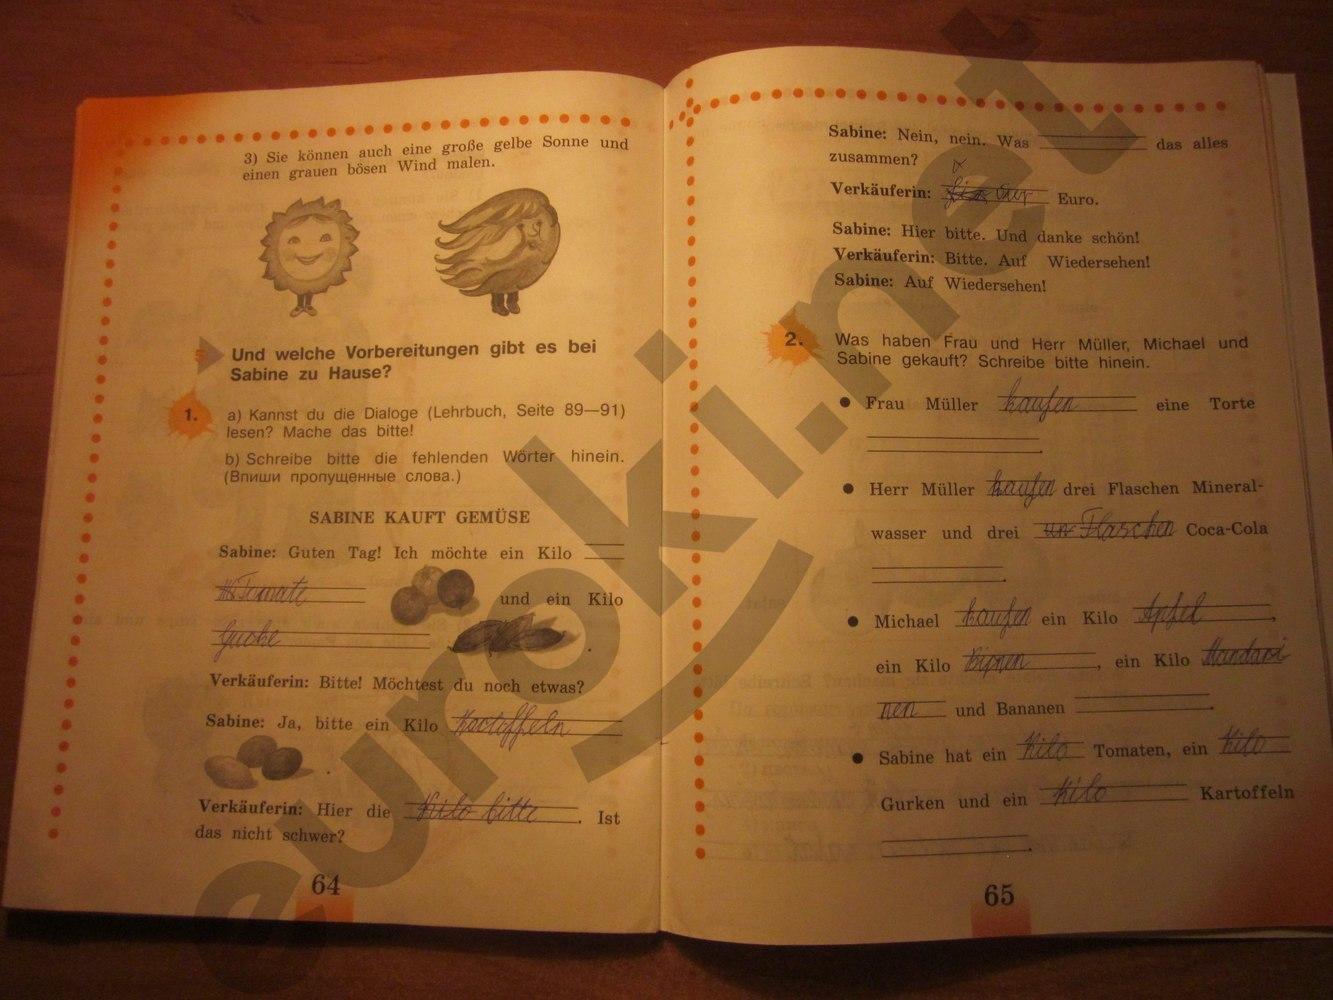 ГДЗ по немецкому языку 3 класс рабочая тетрадь Бим И.Л. Рыжова Л.И. Часть 2. Задание: стр. 64-65